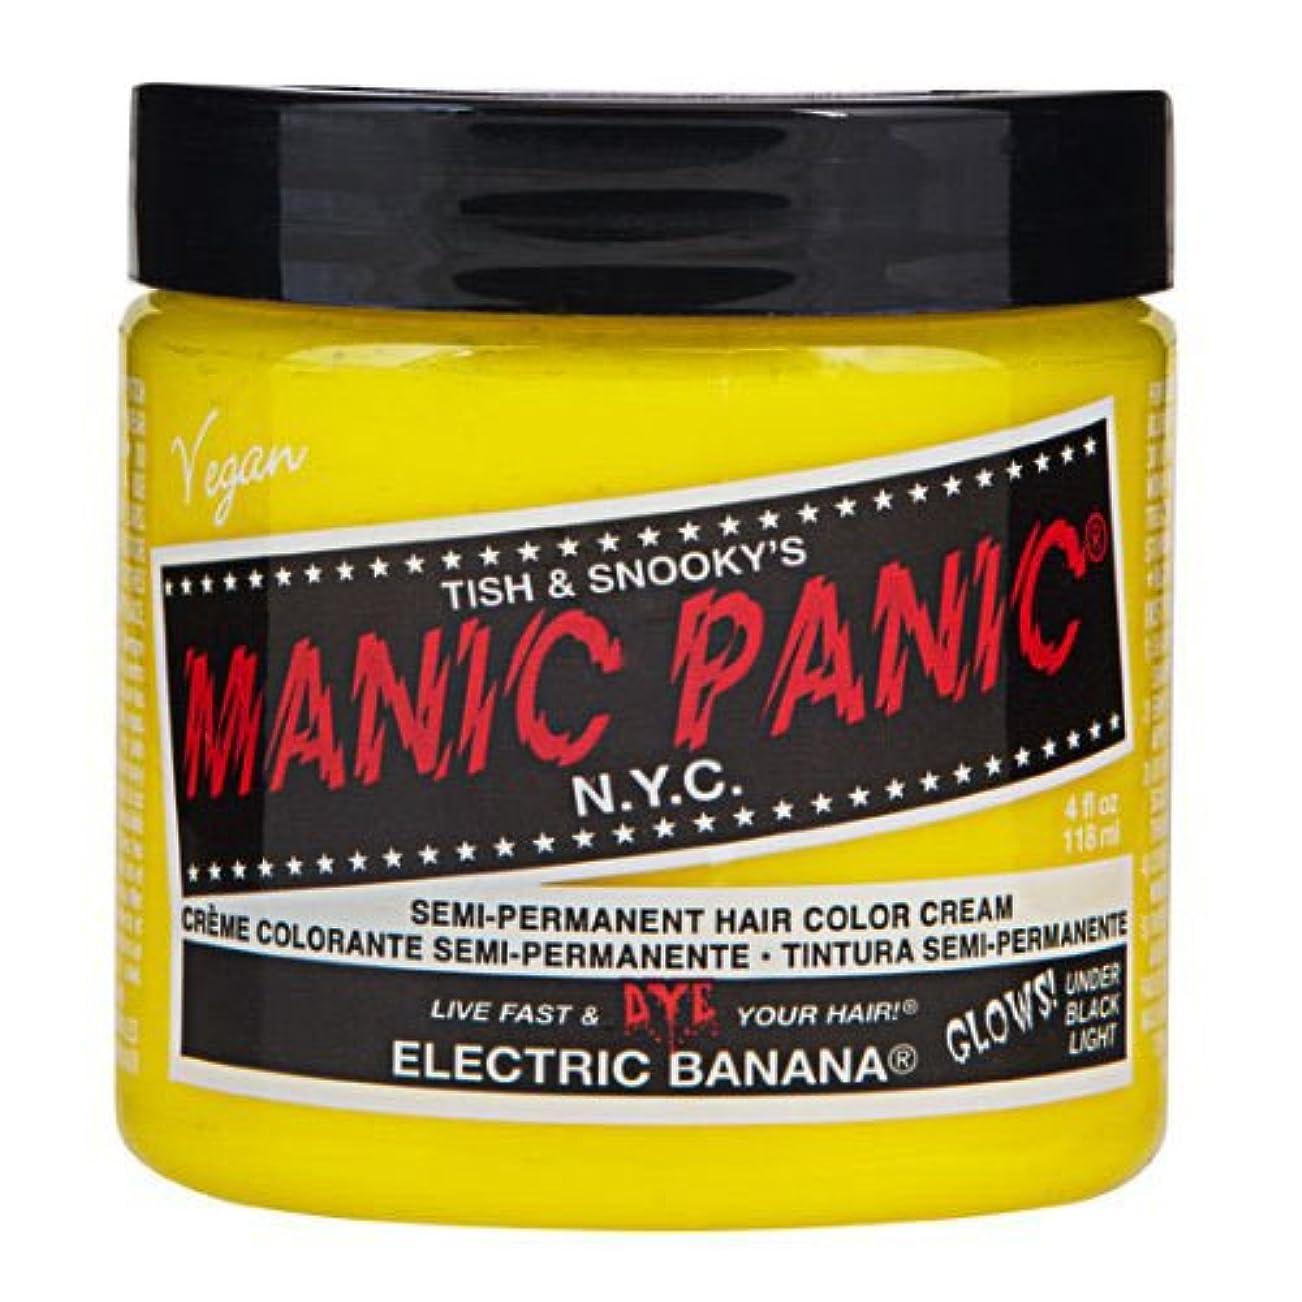 ベリー苦調子マニックパニック カラークリーム エレクトリックバナナ